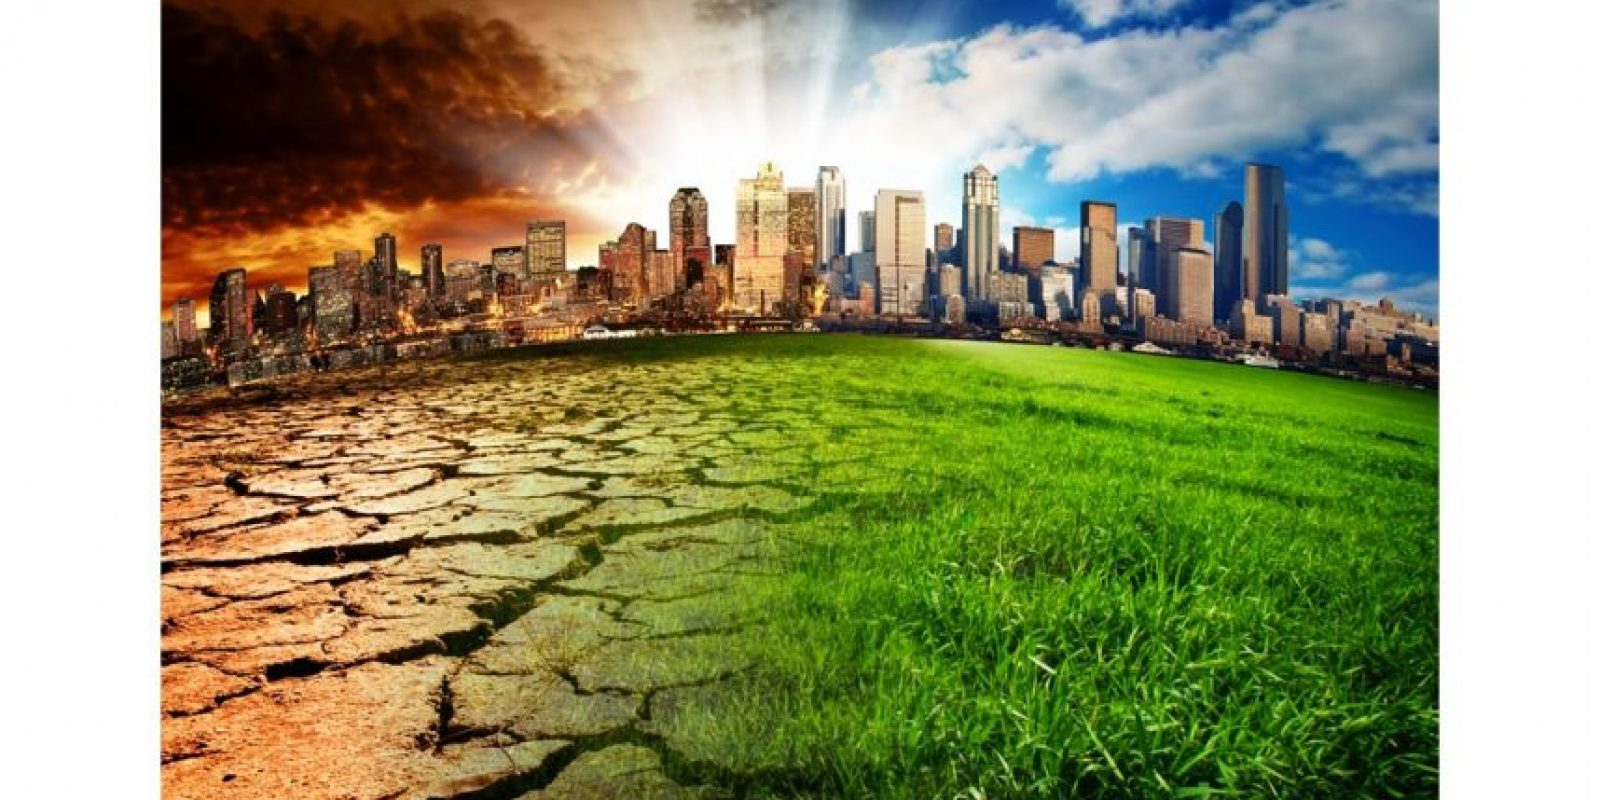 Un llamado a jóvenes con habilidades para la tecnología a actuar sobre el cambio climático. Foto:Fuente Externa